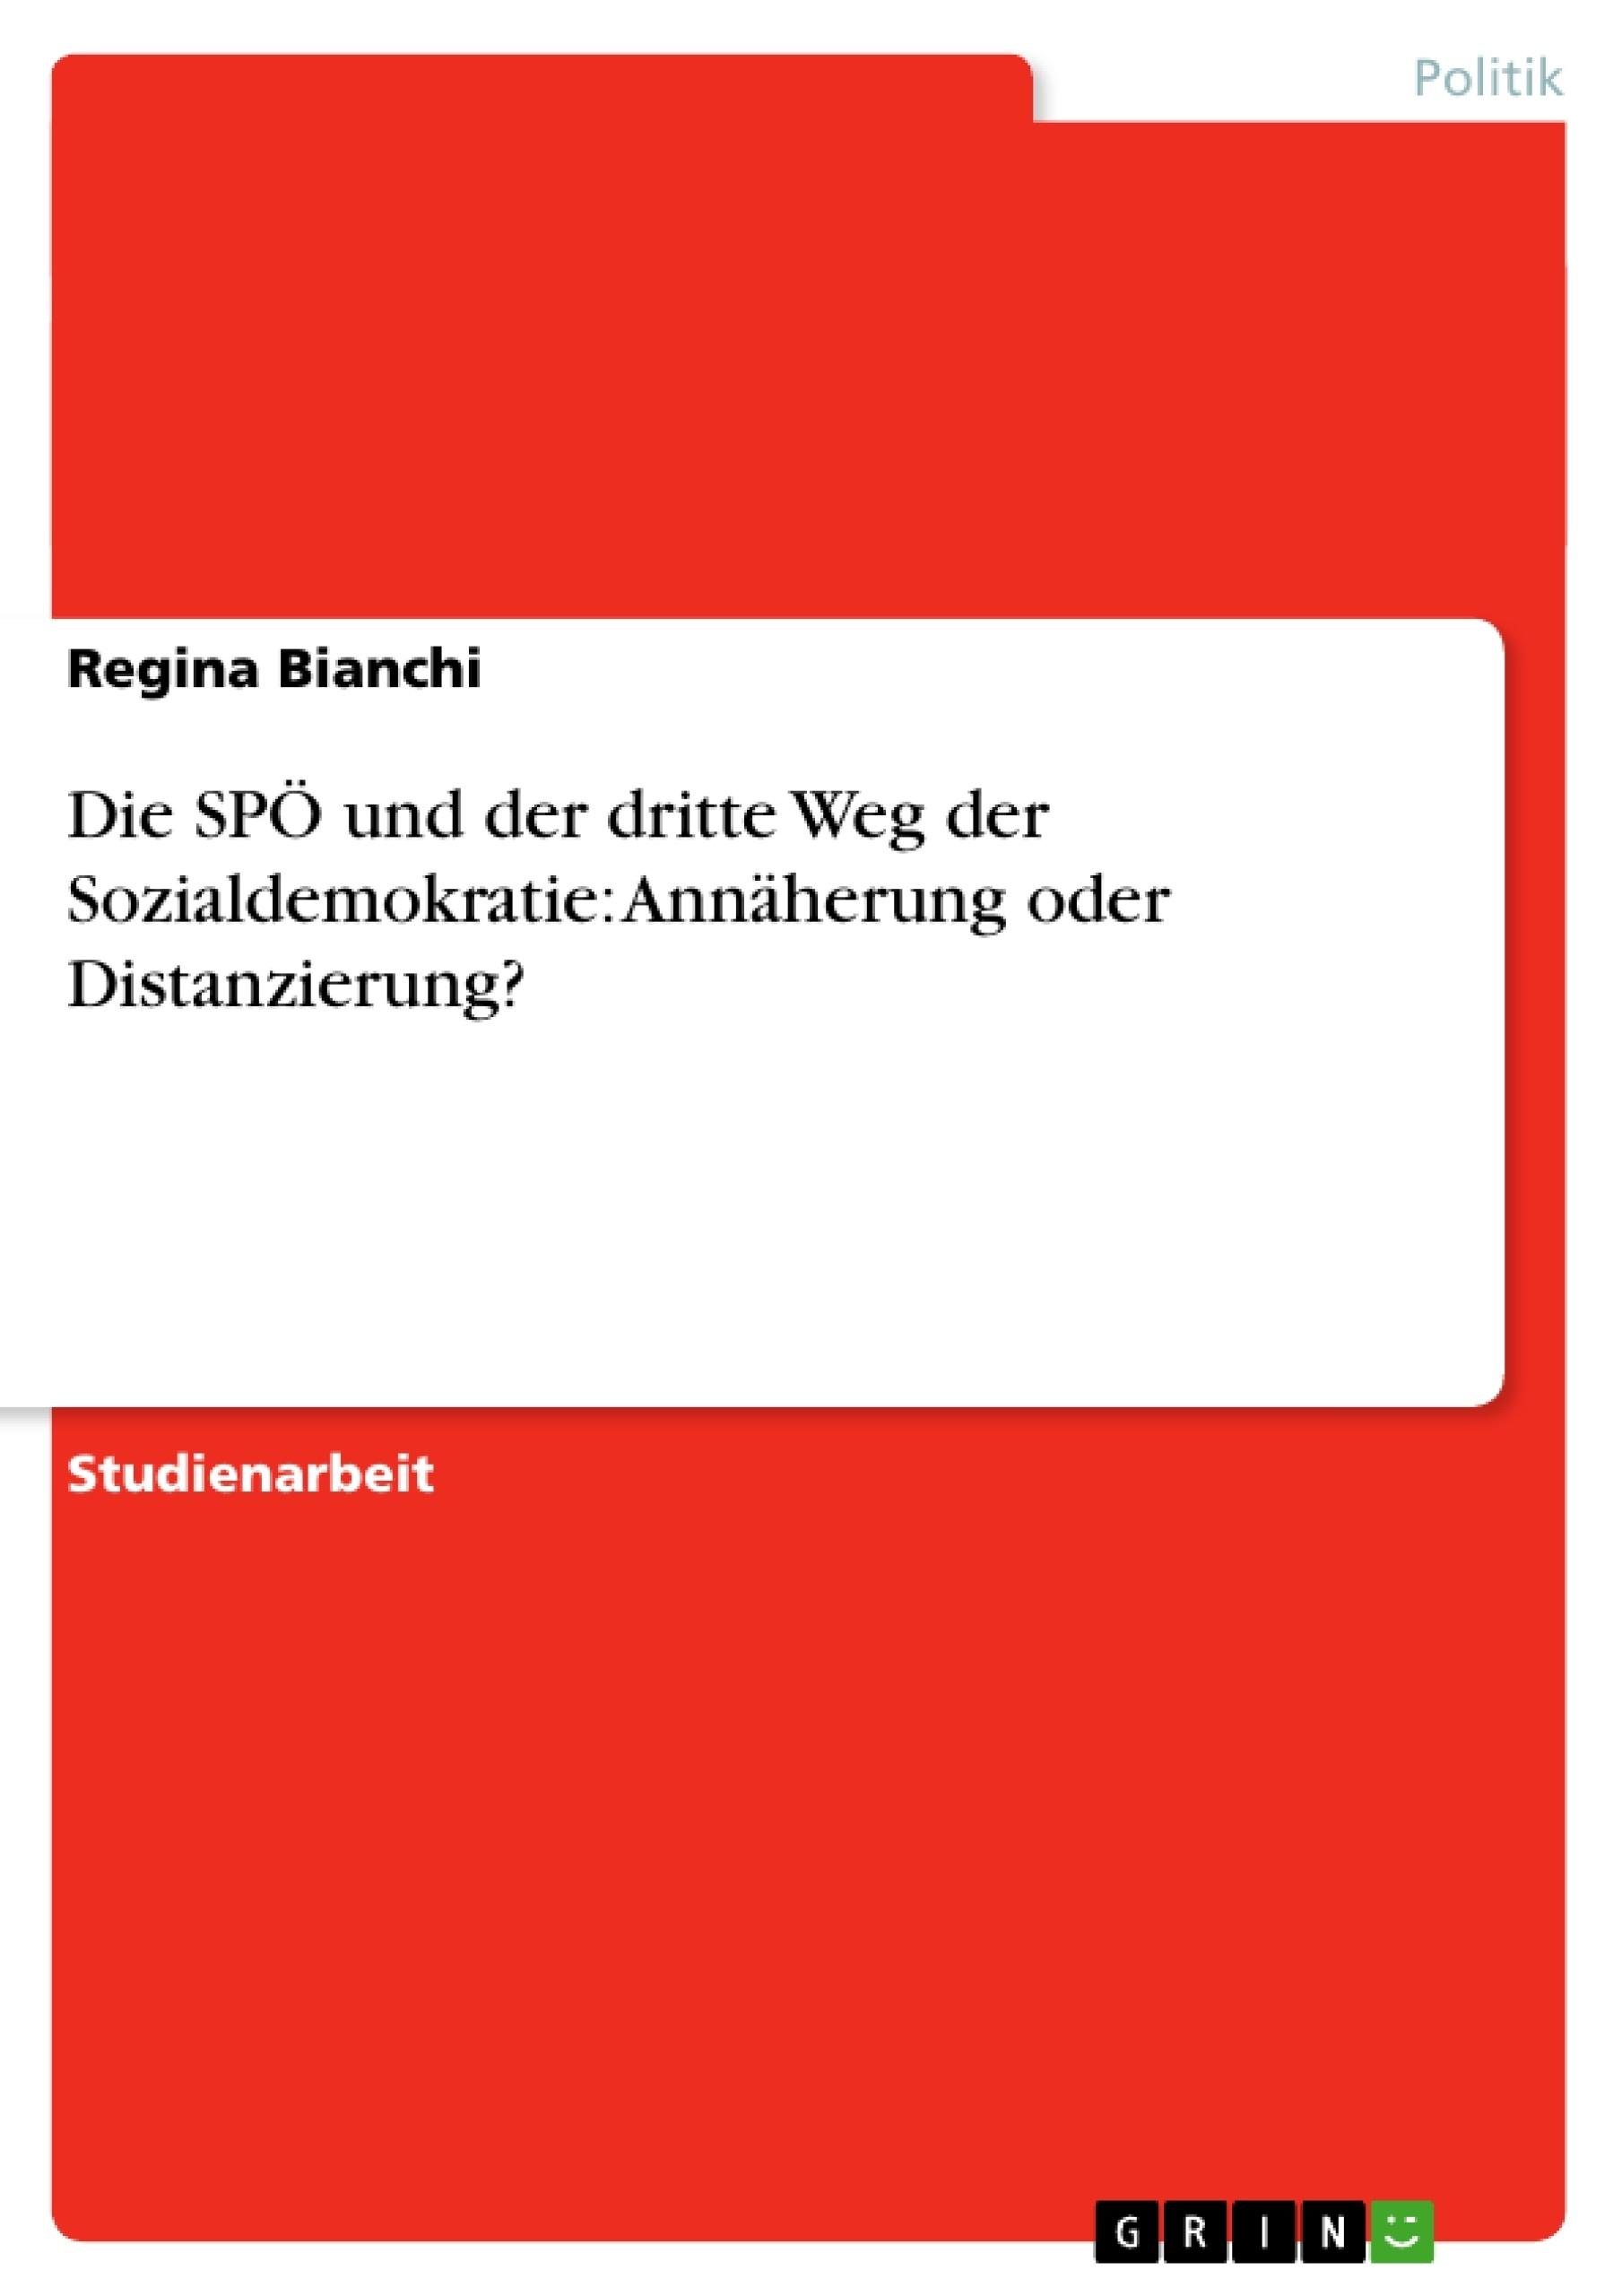 Titel: Die SPÖ und der dritte Weg der Sozialdemokratie: Annäherung oder Distanzierung?